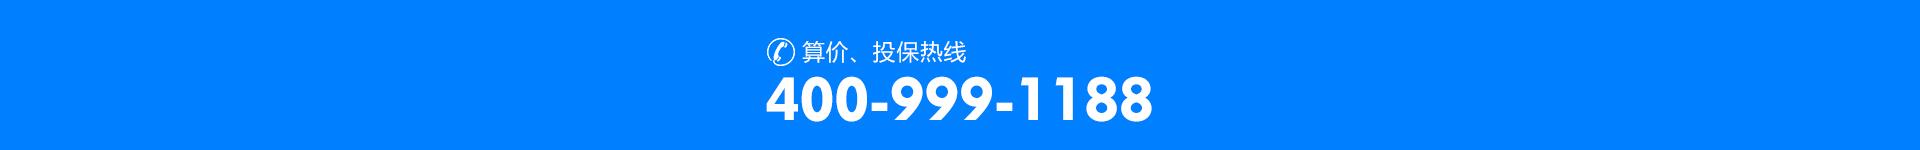 锦泰车险精准报价-锦泰网络车险全城底价